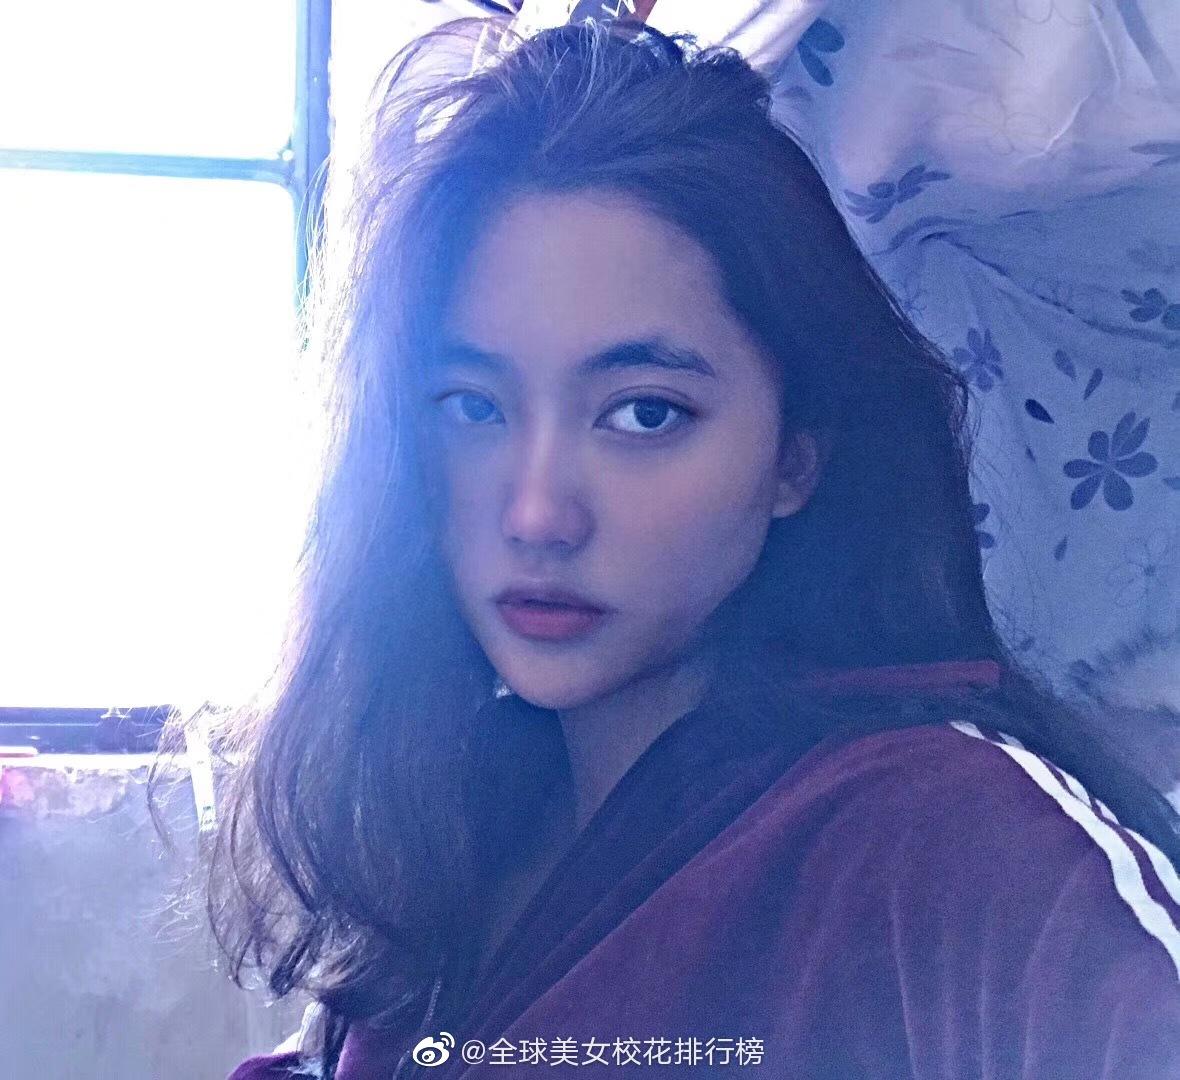 云南农业大学19岁初中特长爱好反思教师弹茶学唱歌专业音乐教学图片